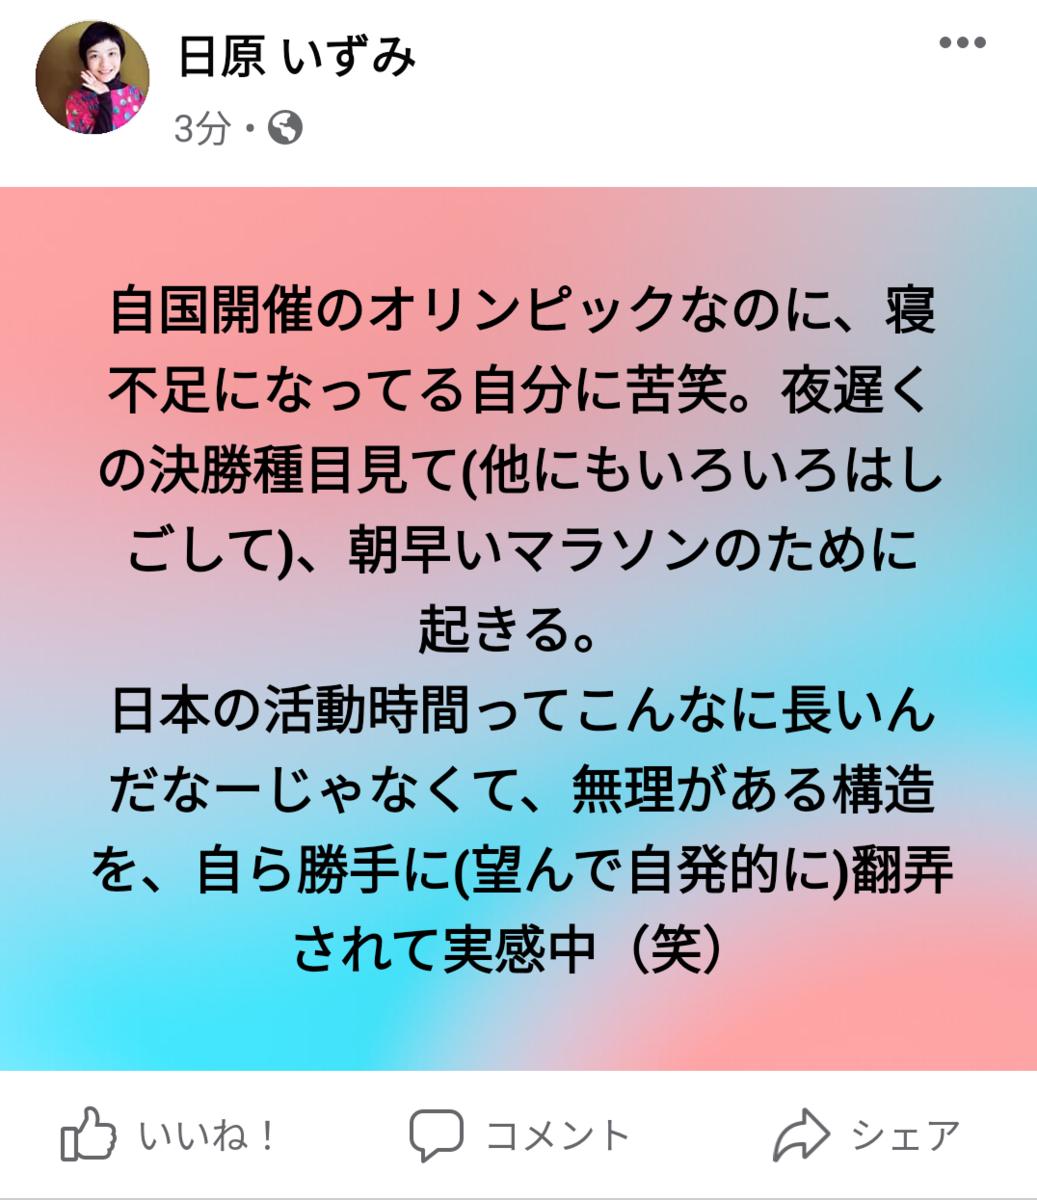 f:id:hihararara:20210810141140p:plain